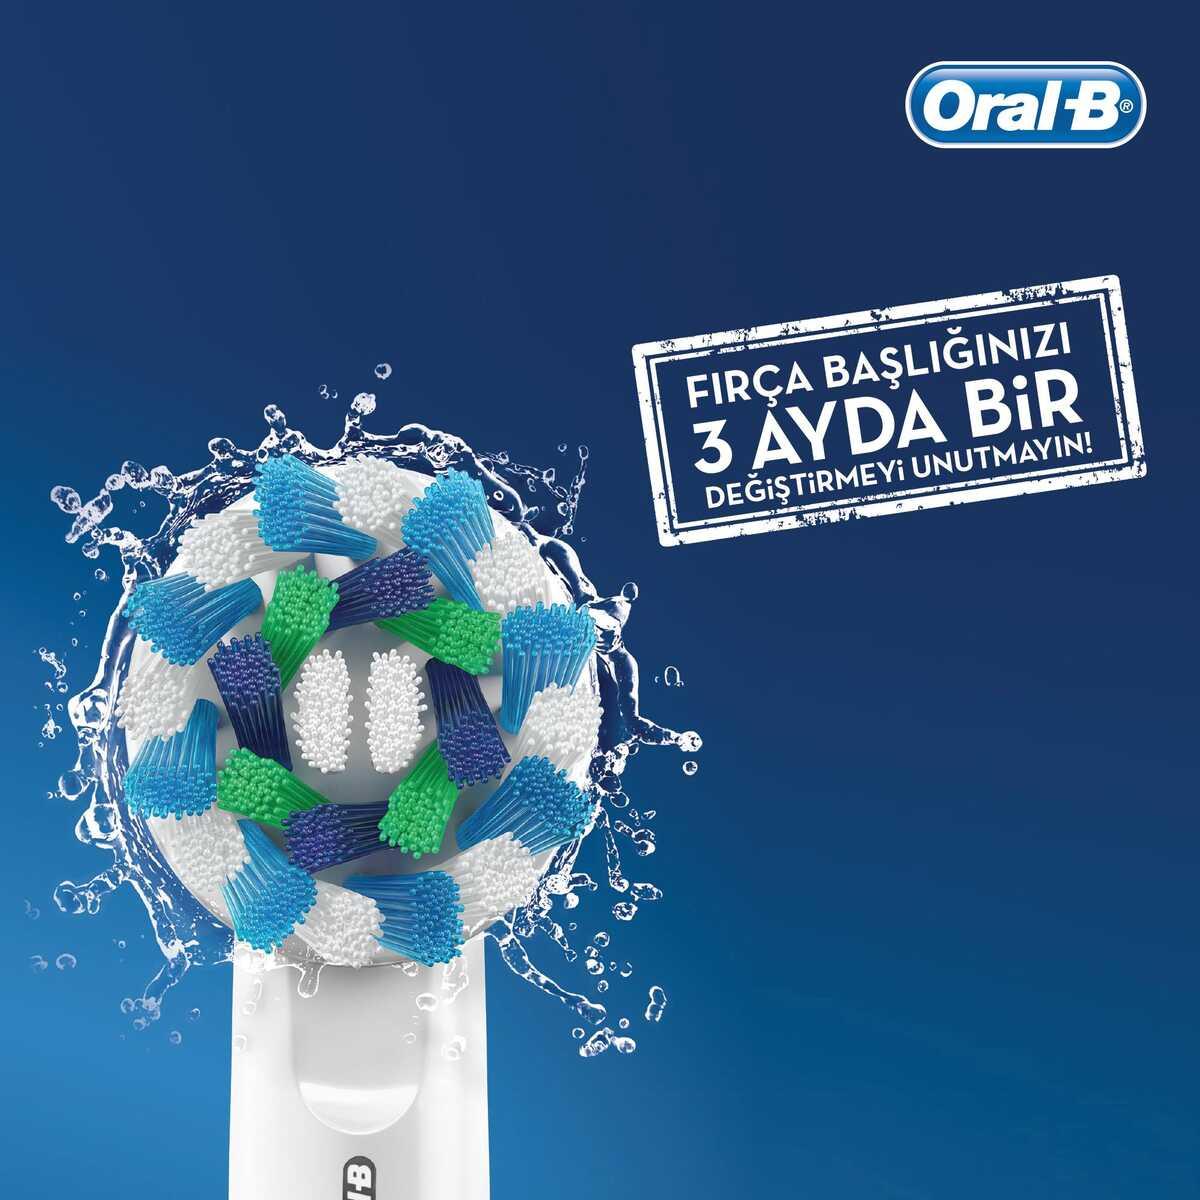 Oral-B D100 Vitality Cars Özel Seri Çocuklar İçin Şarj Edilebilir Diş Fırçası